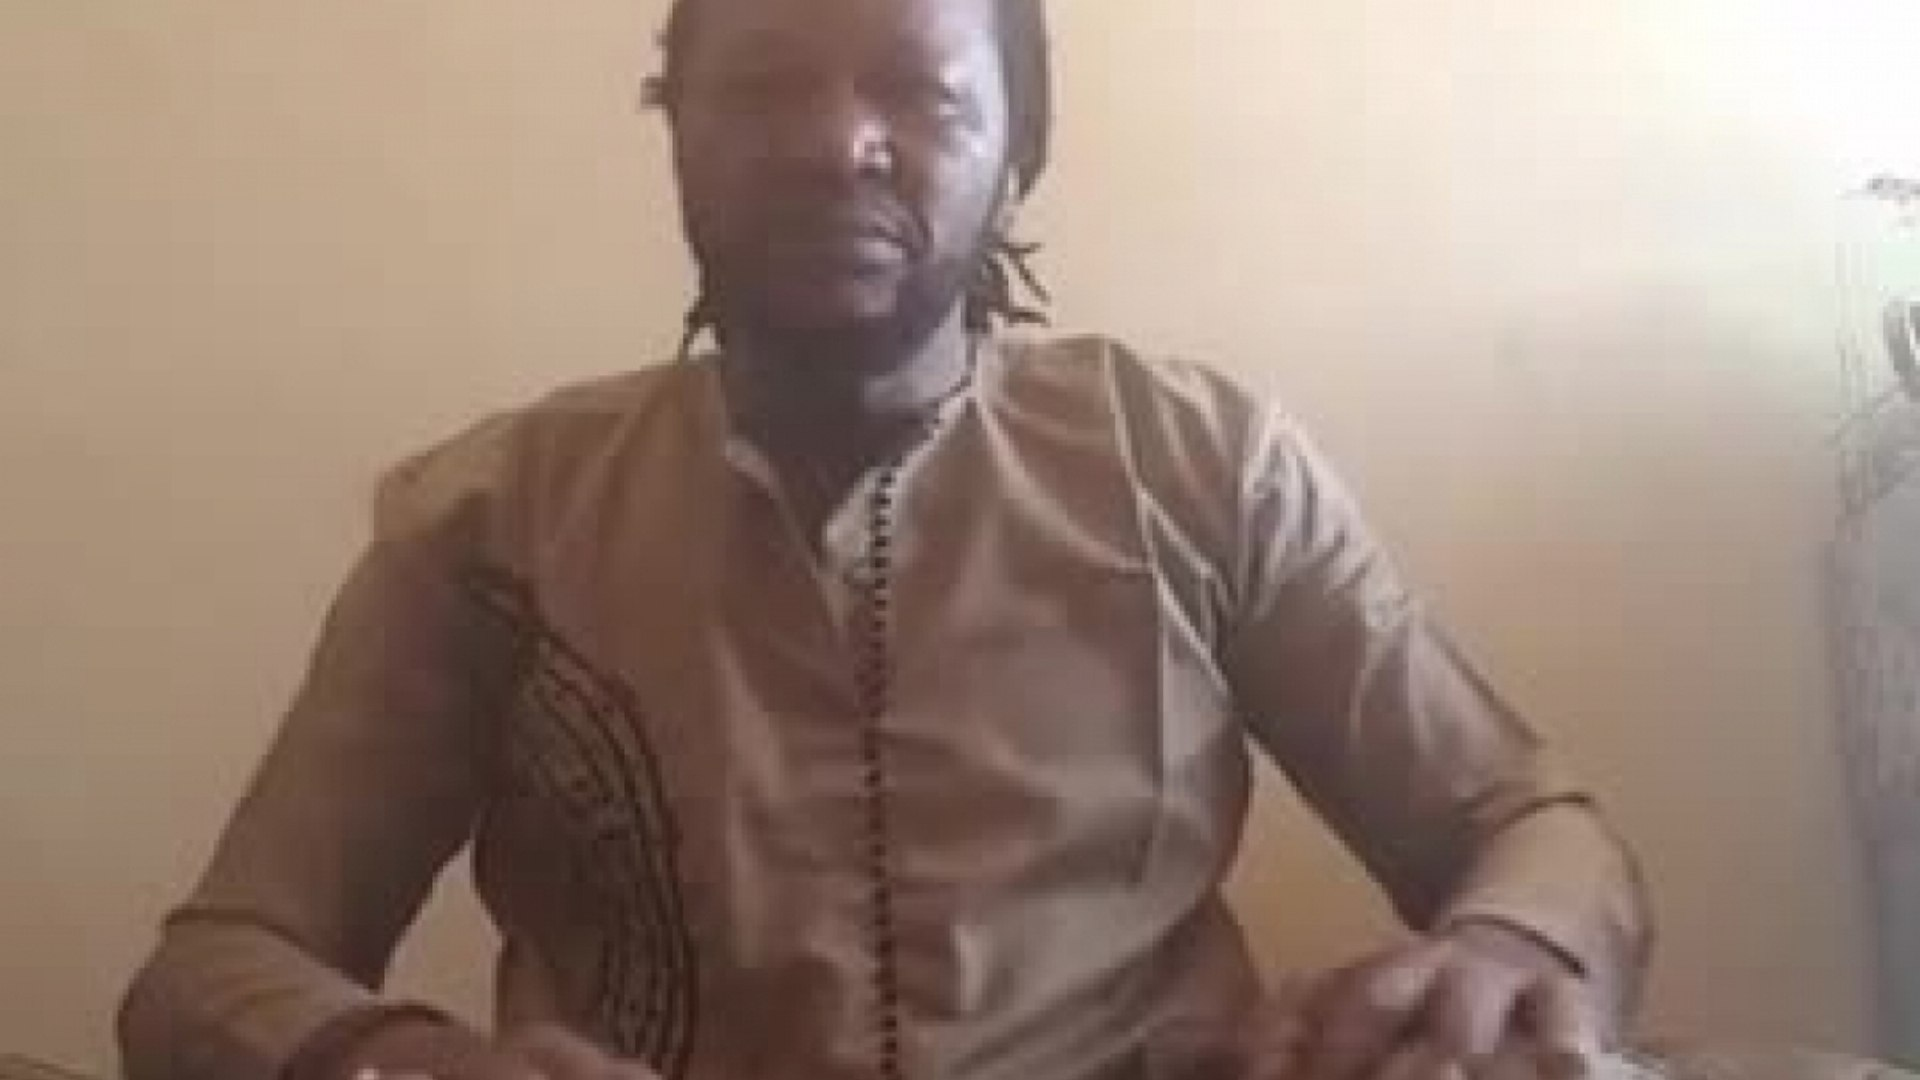 Dioballa sanogo - Vive CDR. Voila pour quoi on fait sacrifice